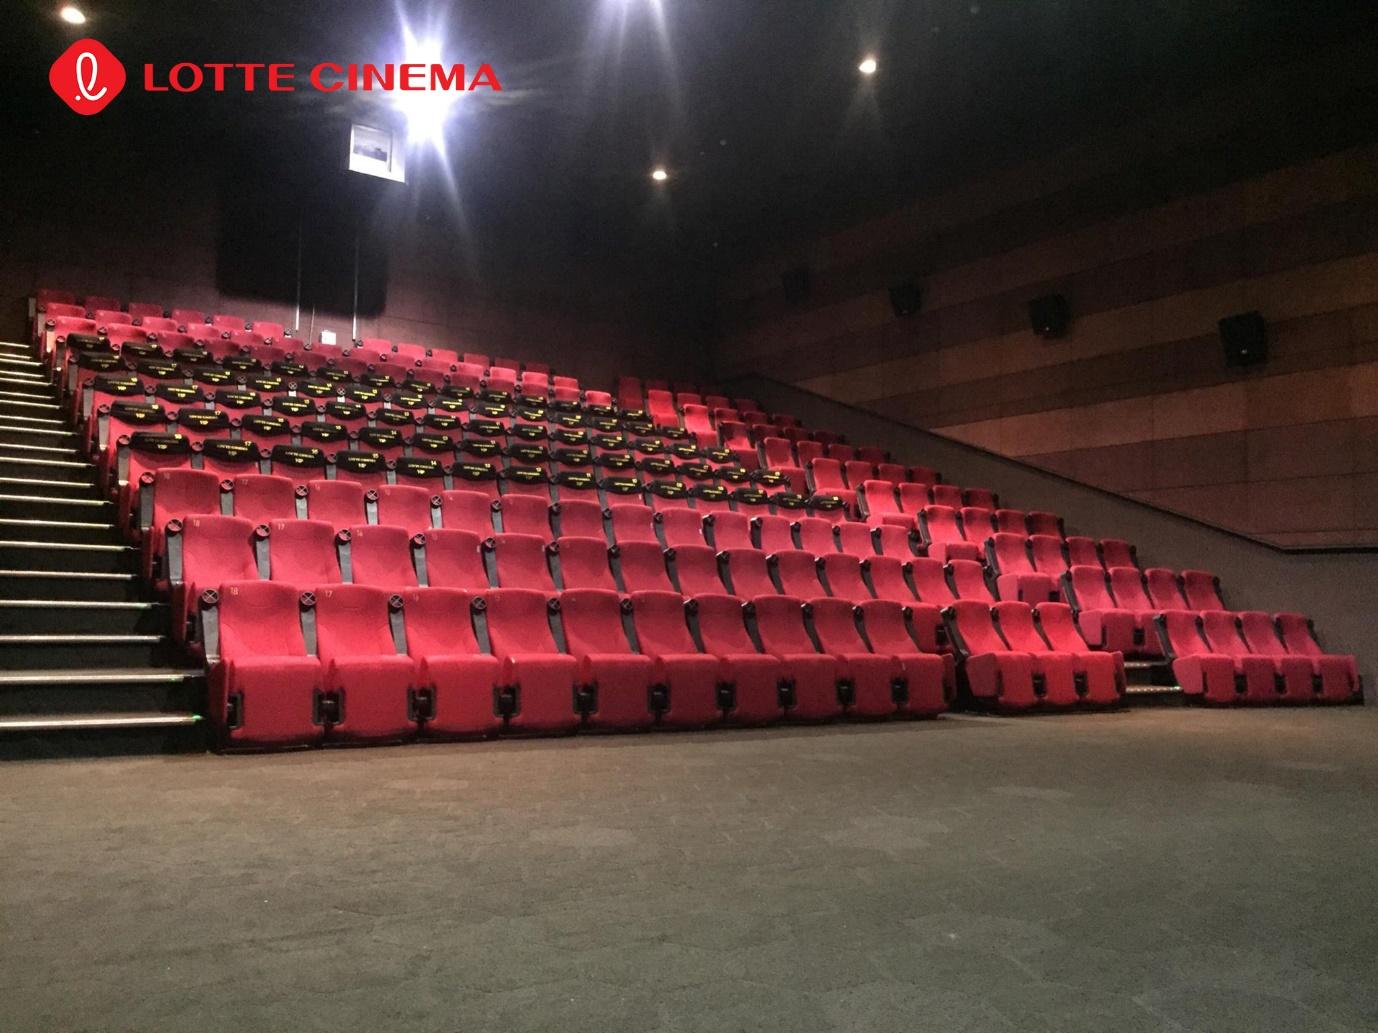 Tặng vé phim, miễn phí bắp nước dịp khai trương rạp Lotte Cinema Bắc Ninh - Ảnh 2.